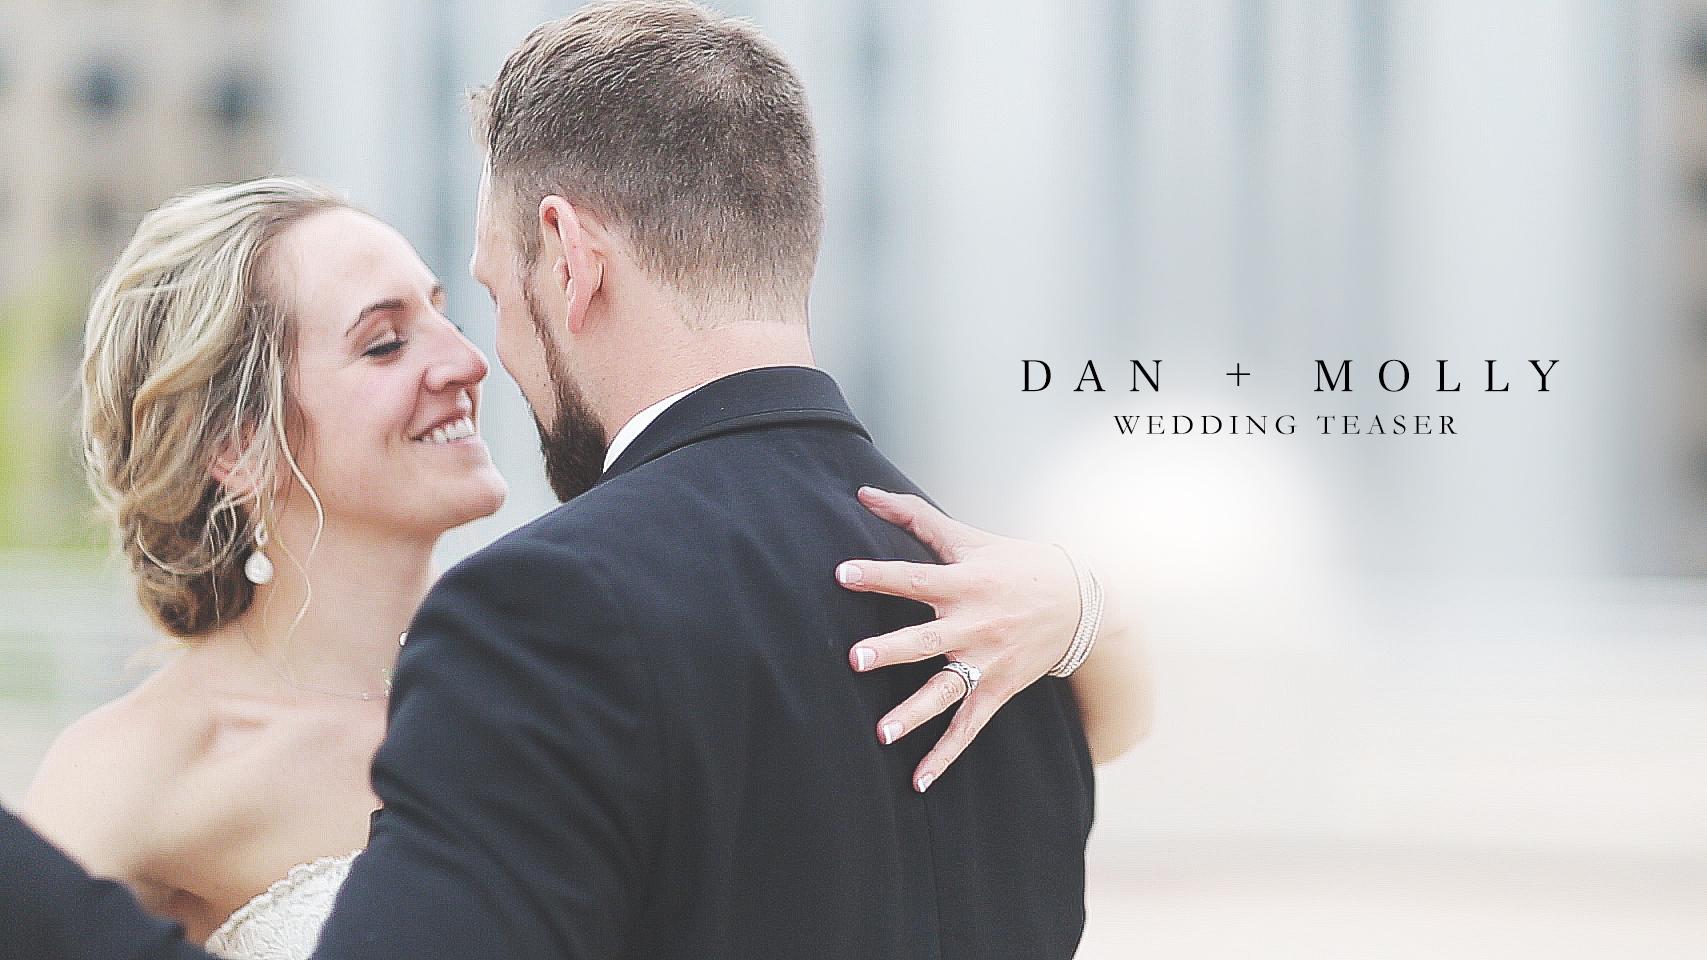 Dan + Molly